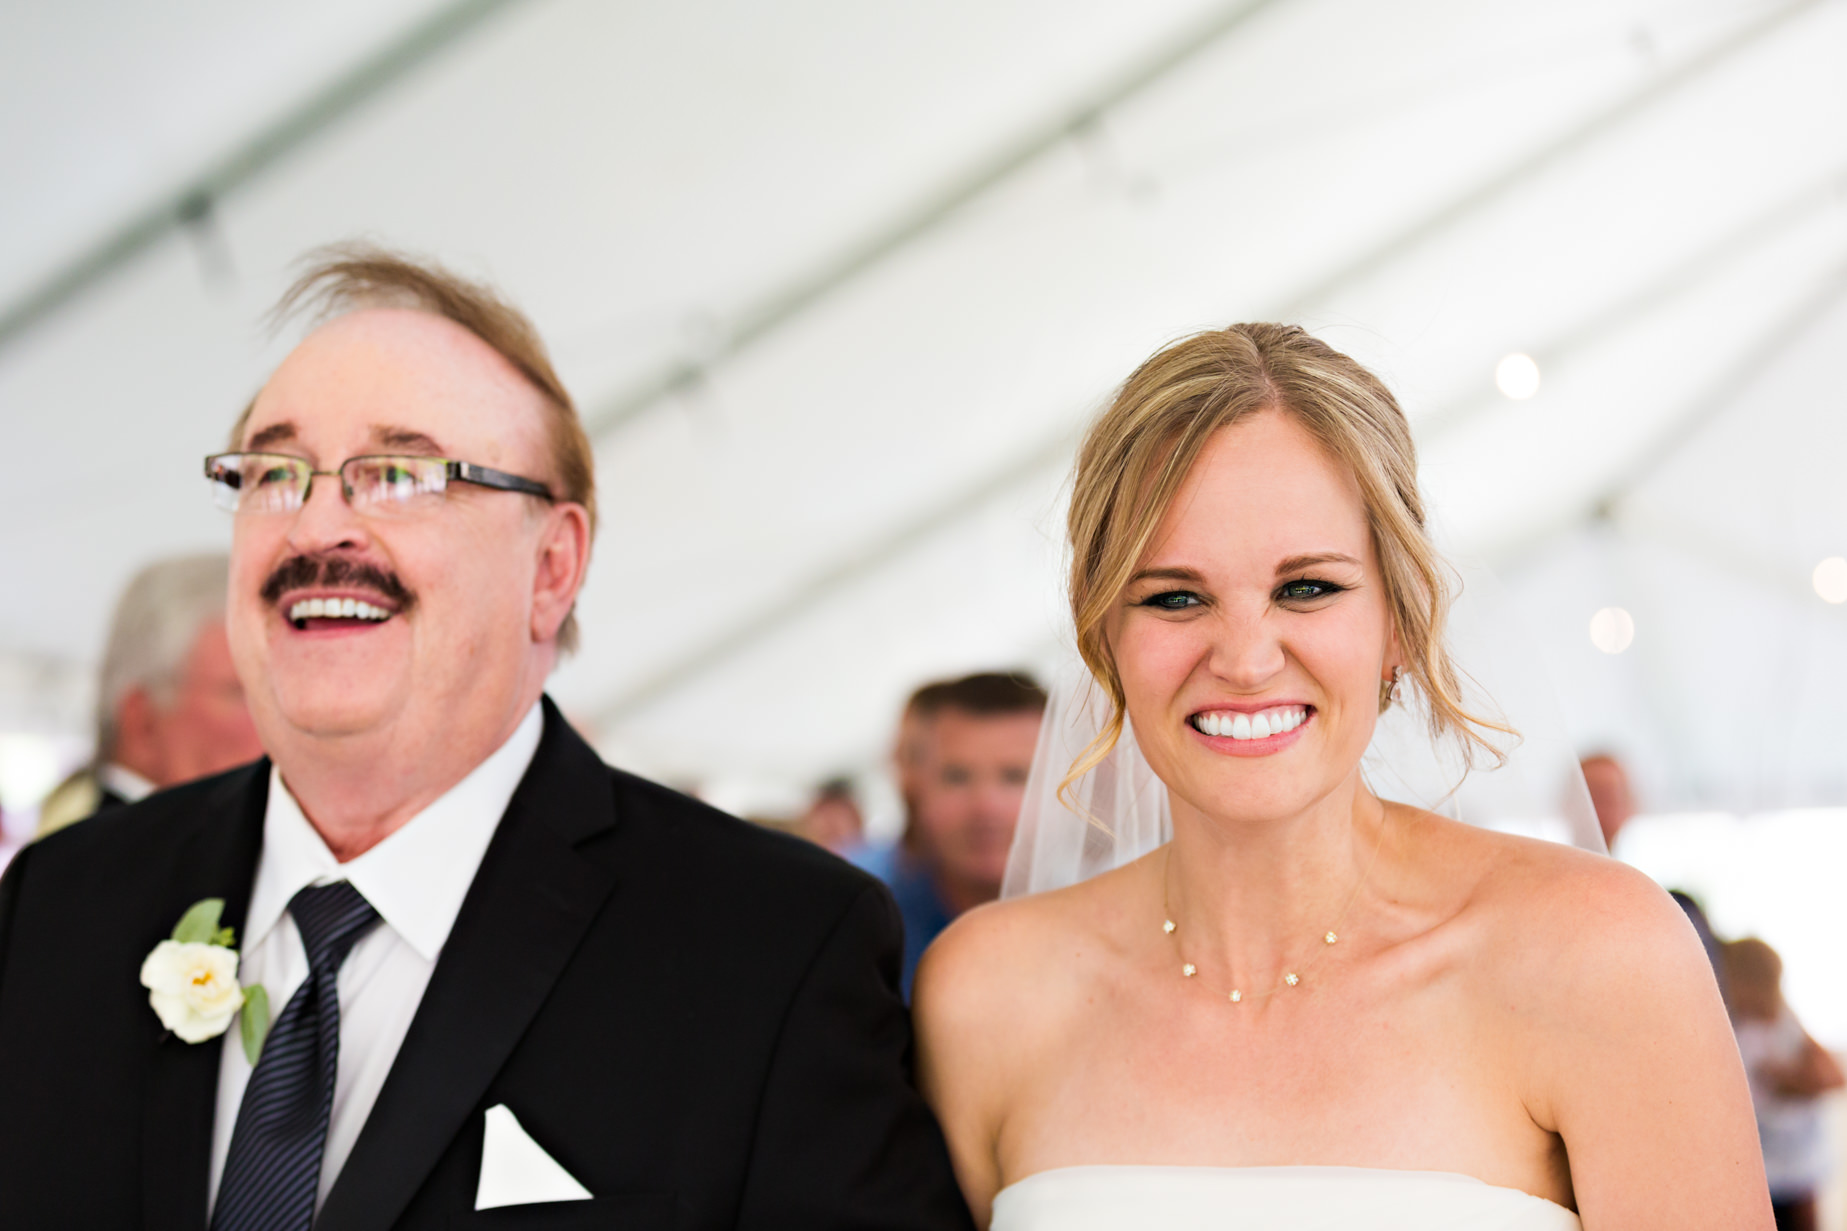 big-sky-resort-wedding-bride-smiles-at-groom-while-walking-up-aisle.jpg